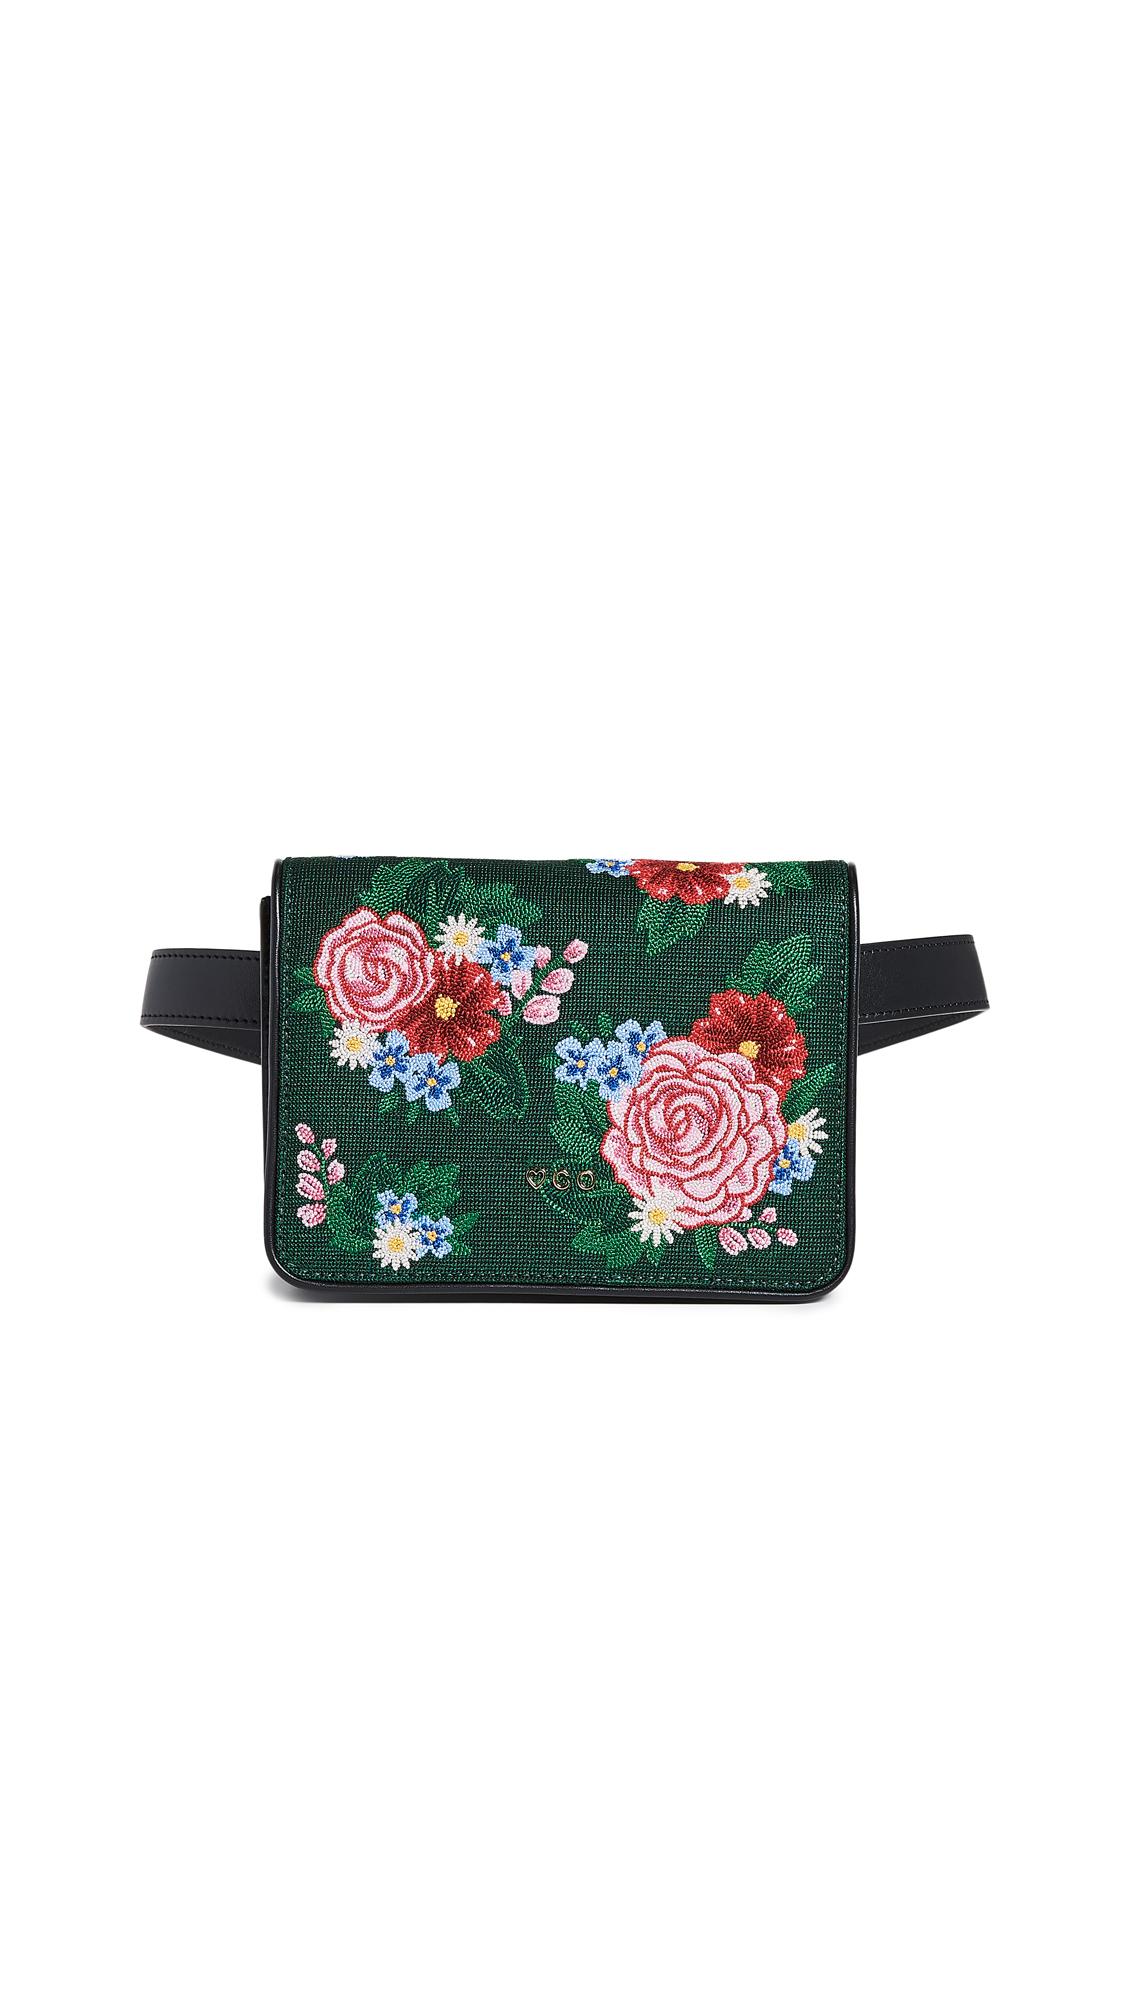 Charlotte Olympia Floral Belt Bag - Black/Red